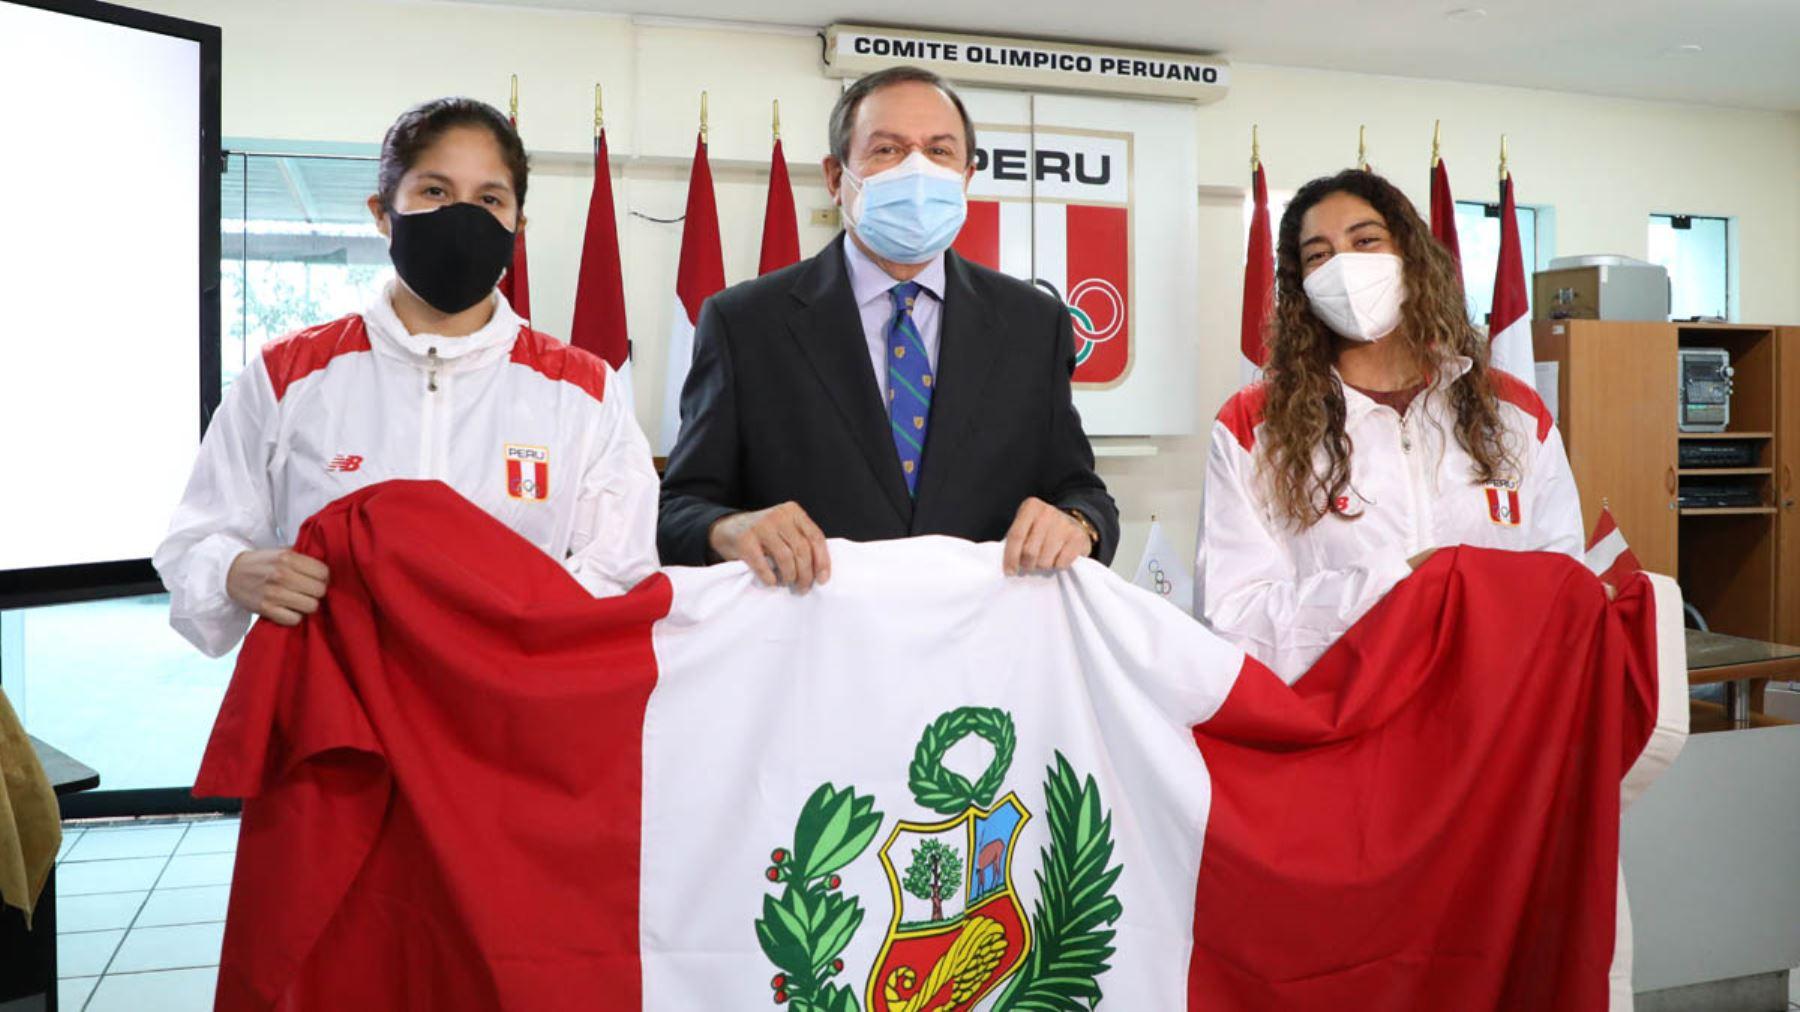 Juegos Tokio 2020: sepa cuándo viajará la delegación peruana al torneo olímpico